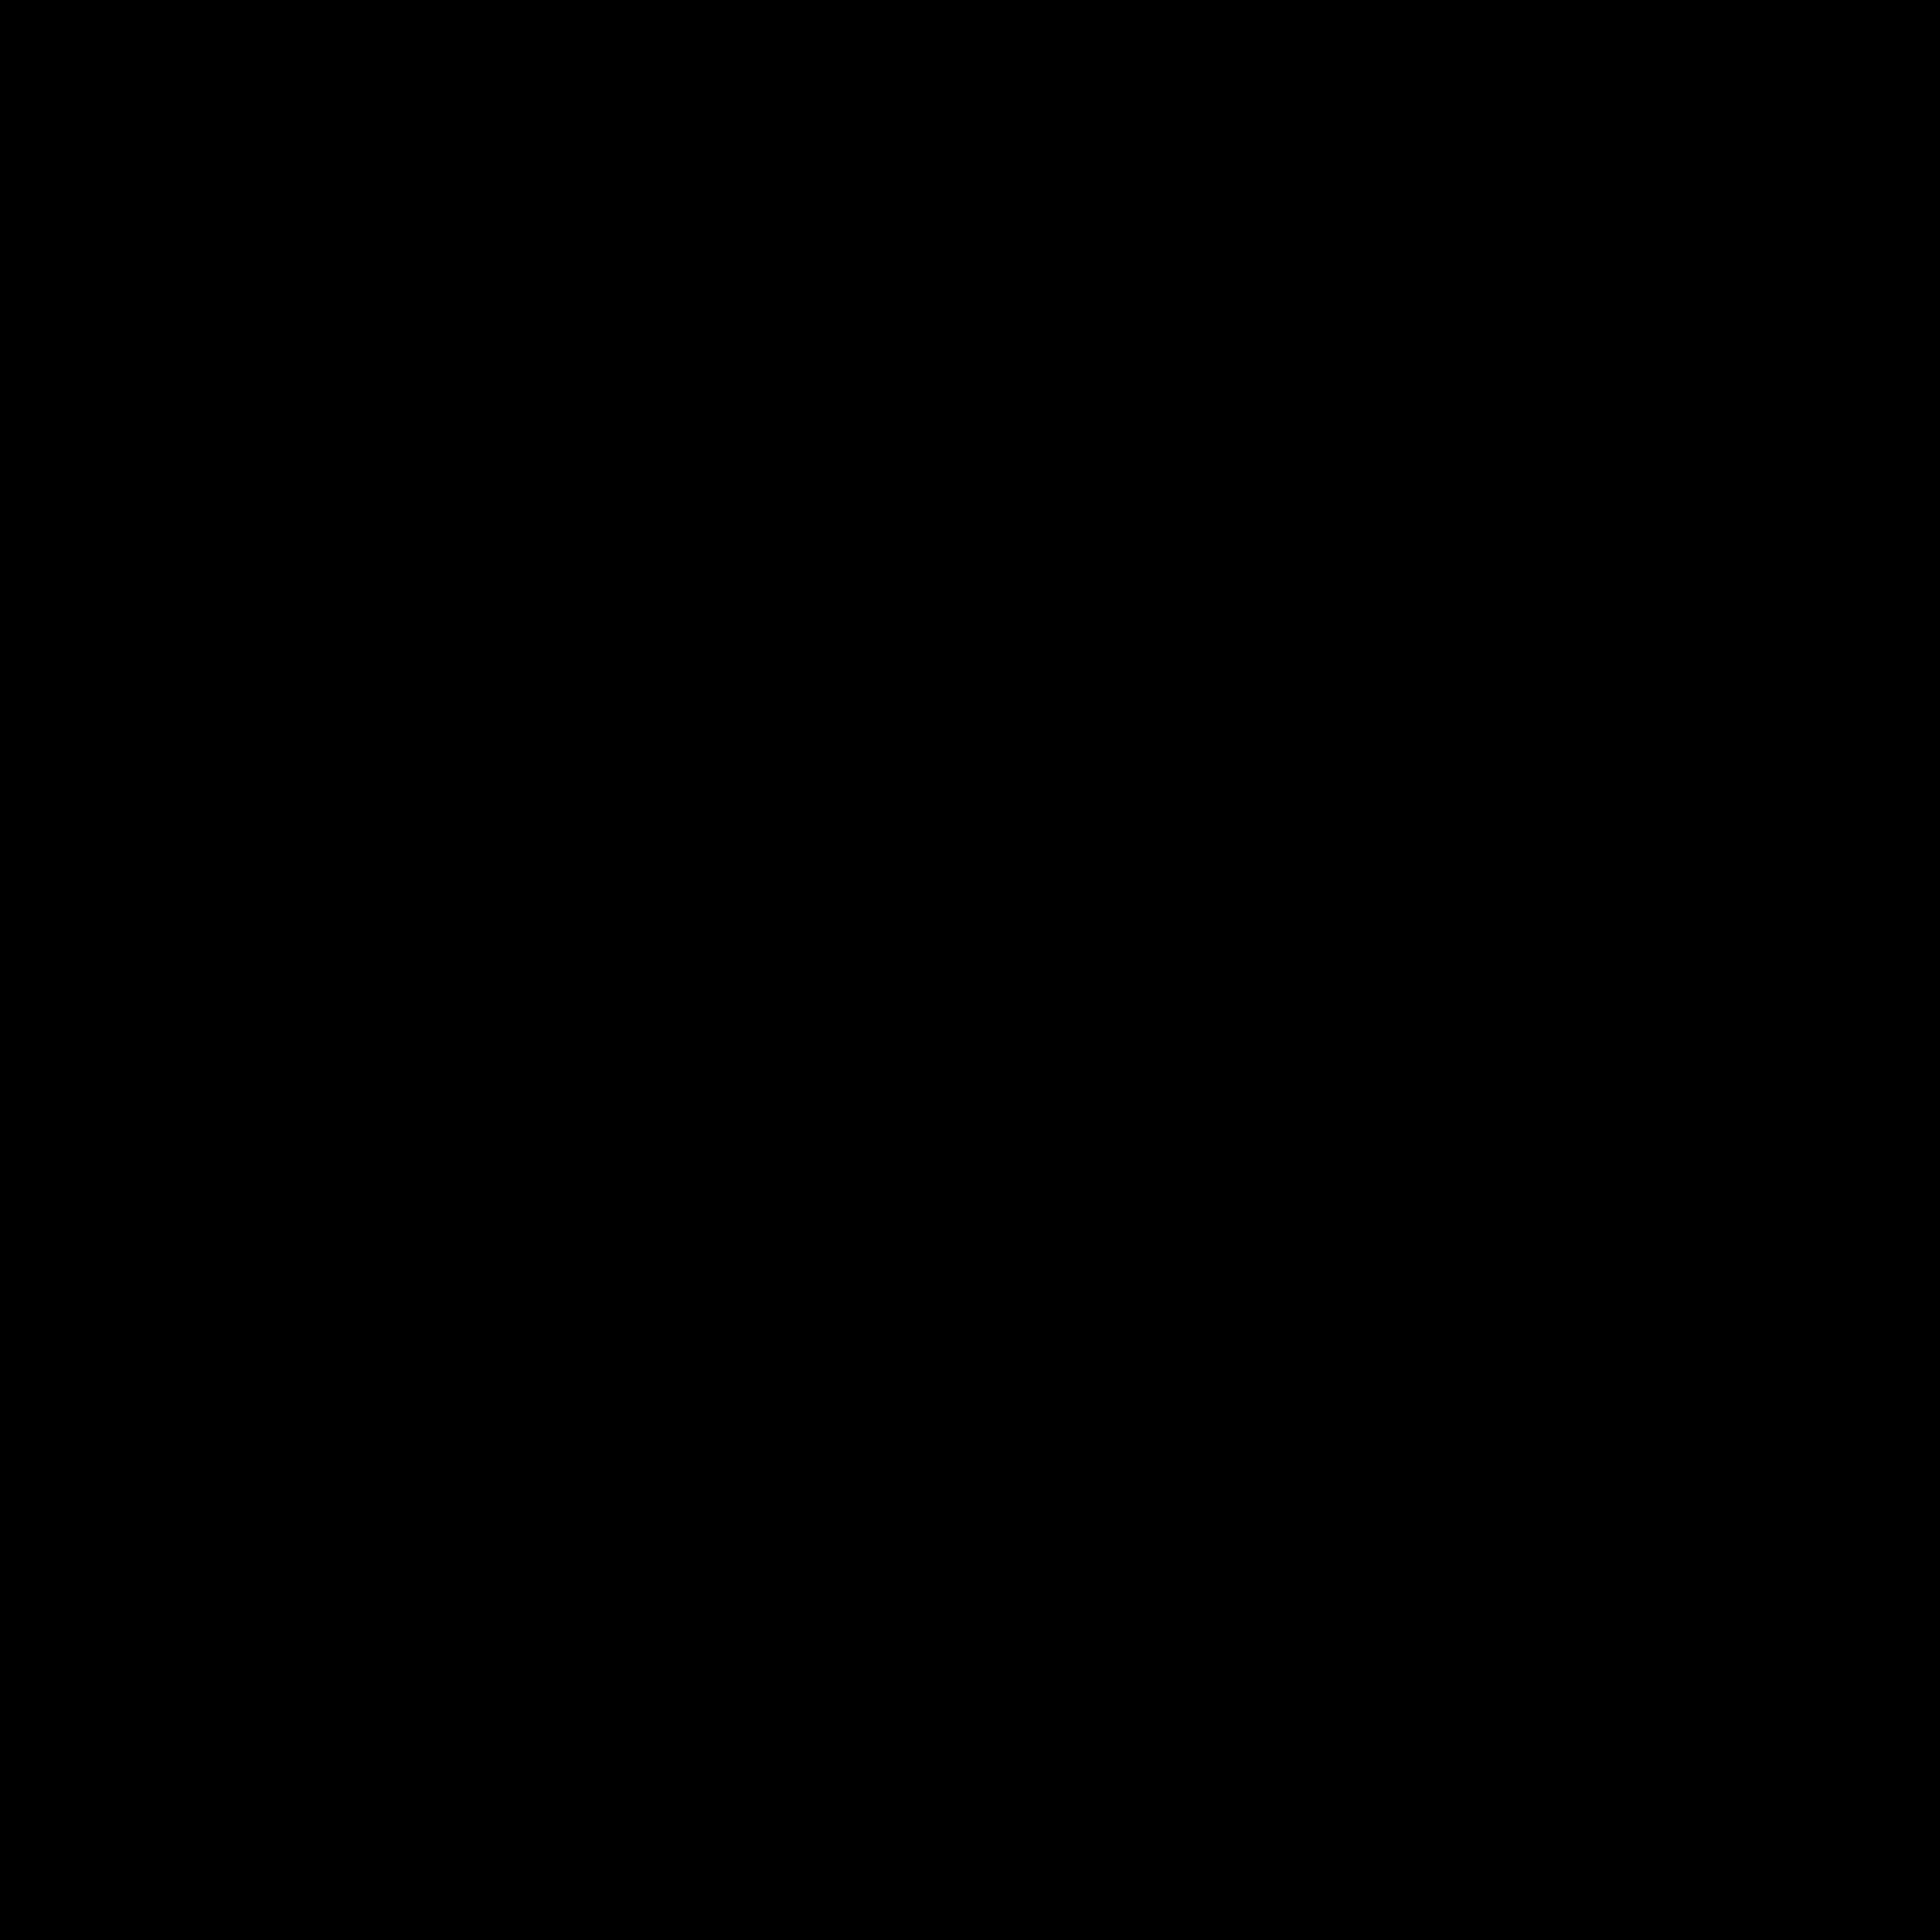 ecogardens-honesty-icon